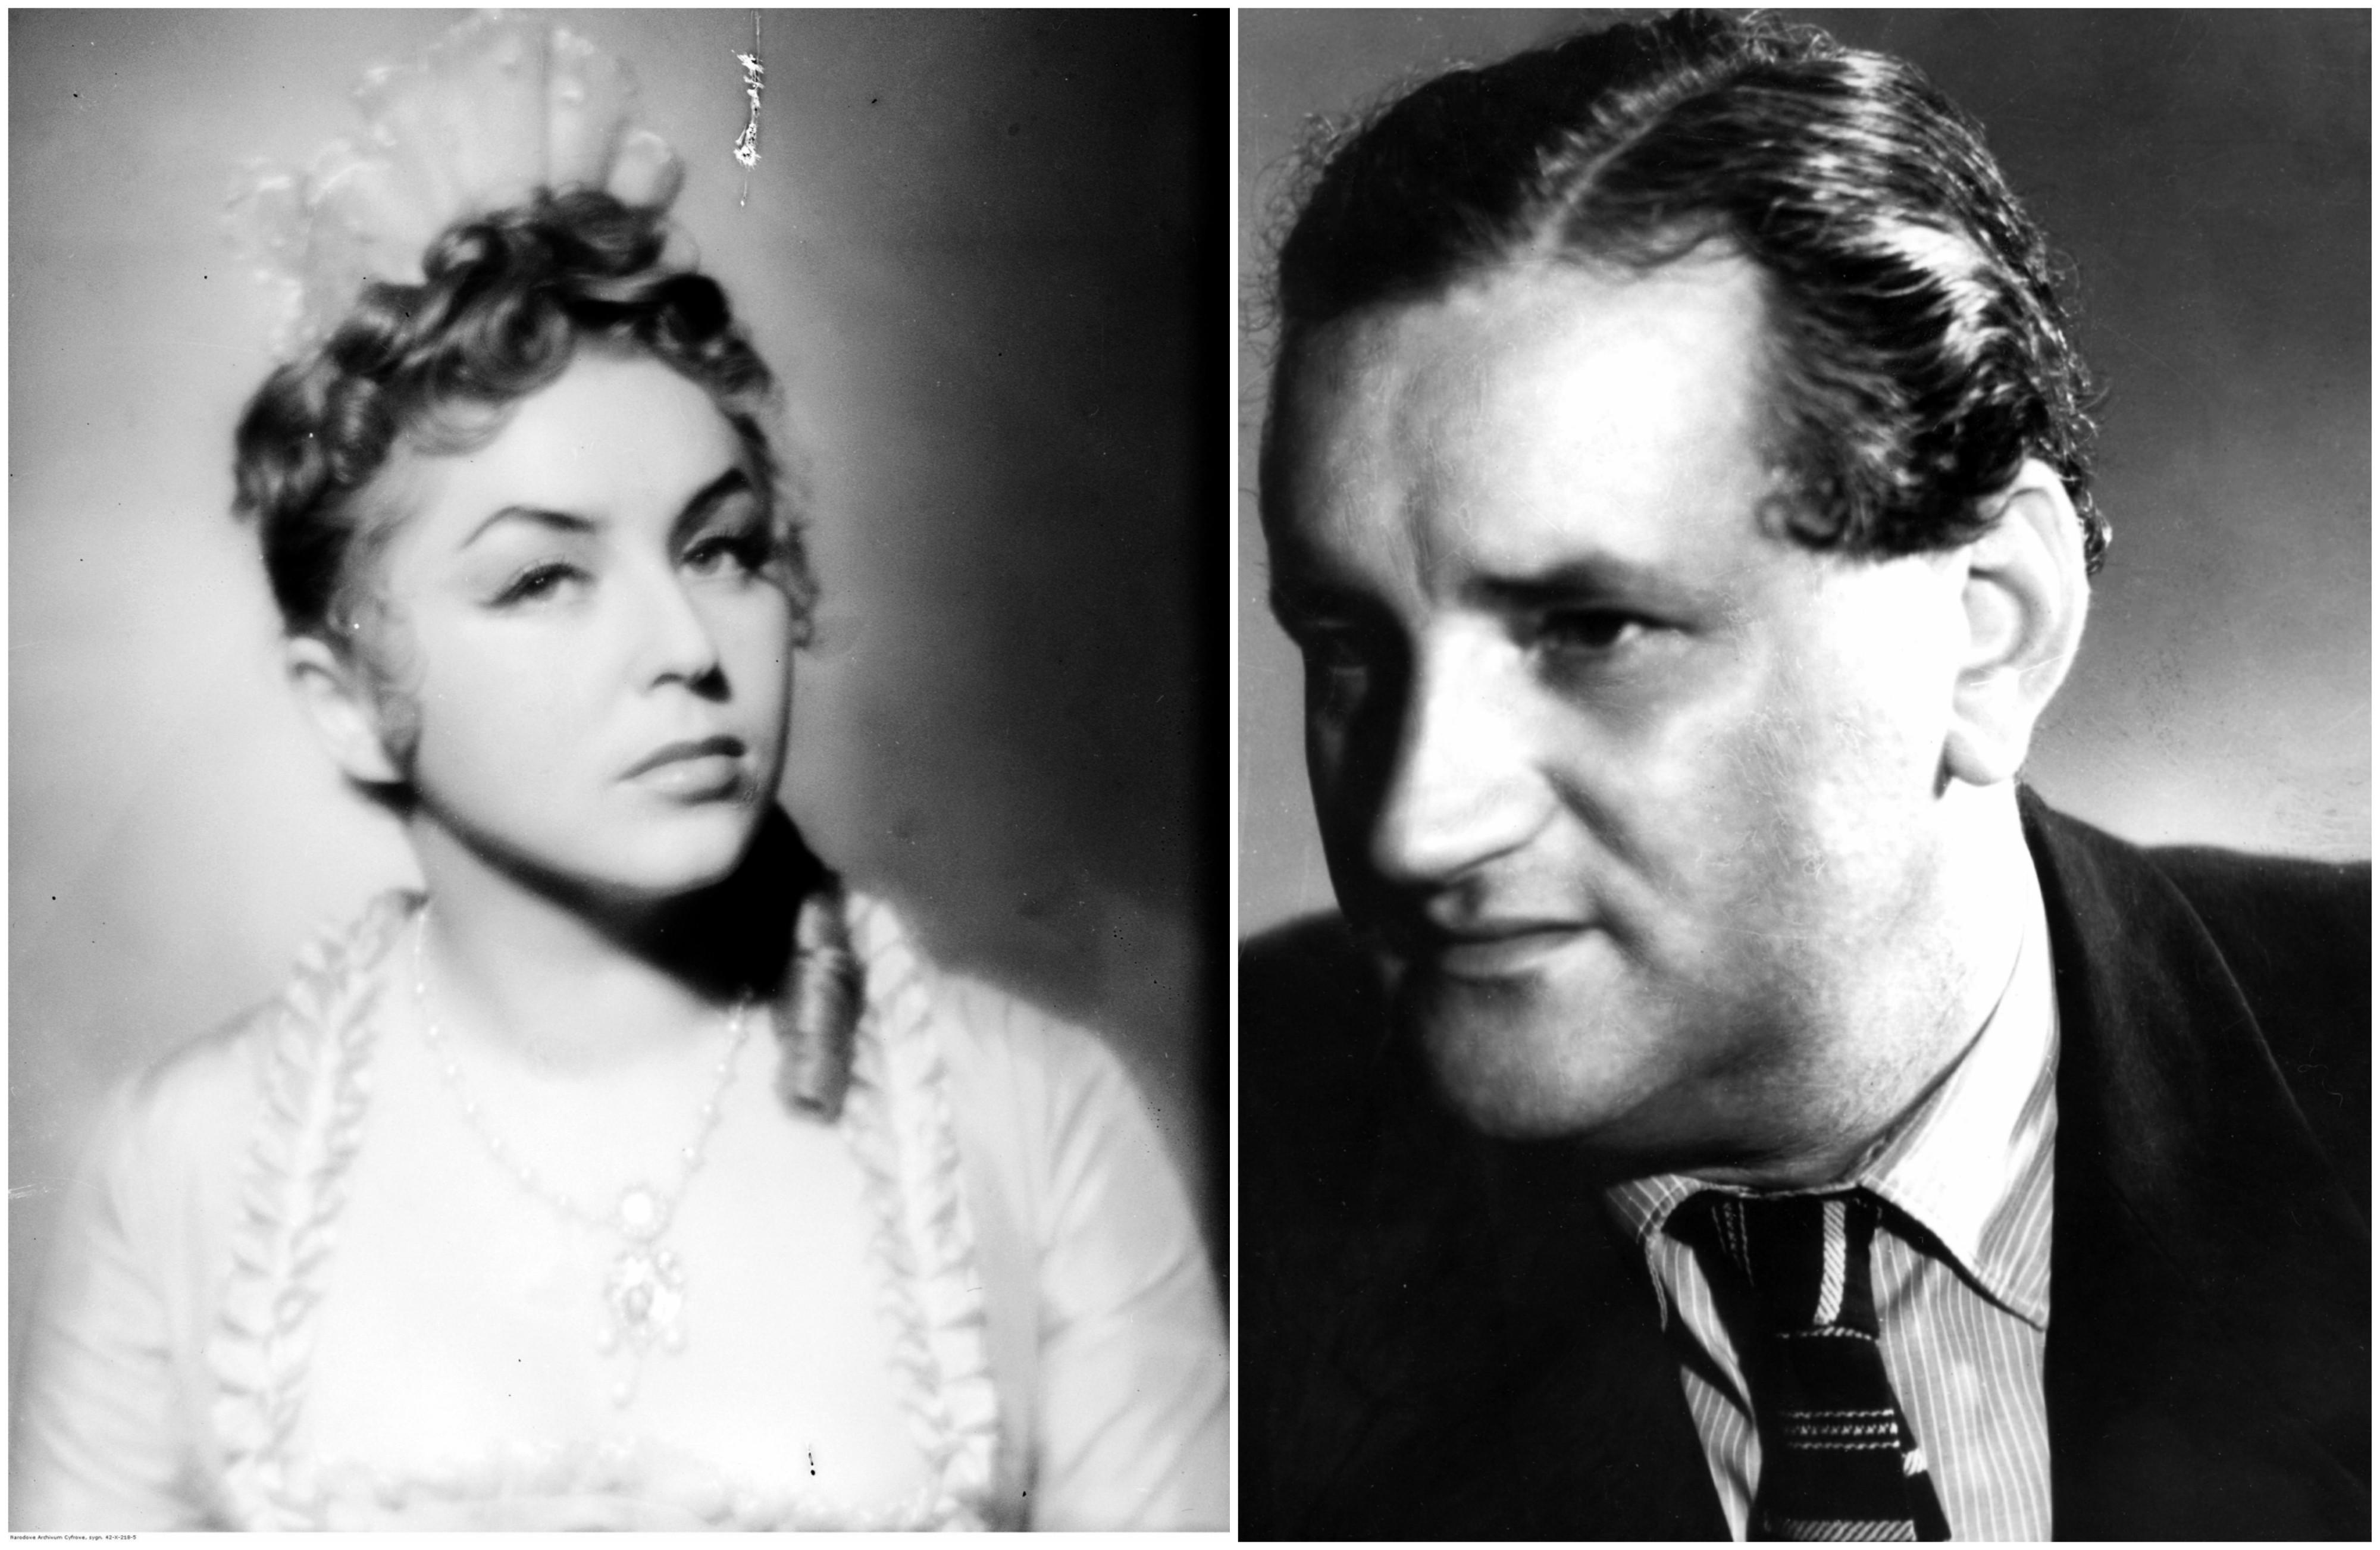 Z lewej Kalina Jędrusik w spektaklu 'Złote czasy zacnego króla Karola', 1957 r. Z prawej Stanisław Dygat sfotografowany w 1966 r. (fot. Narodowe Archiwum Cyfrowe)